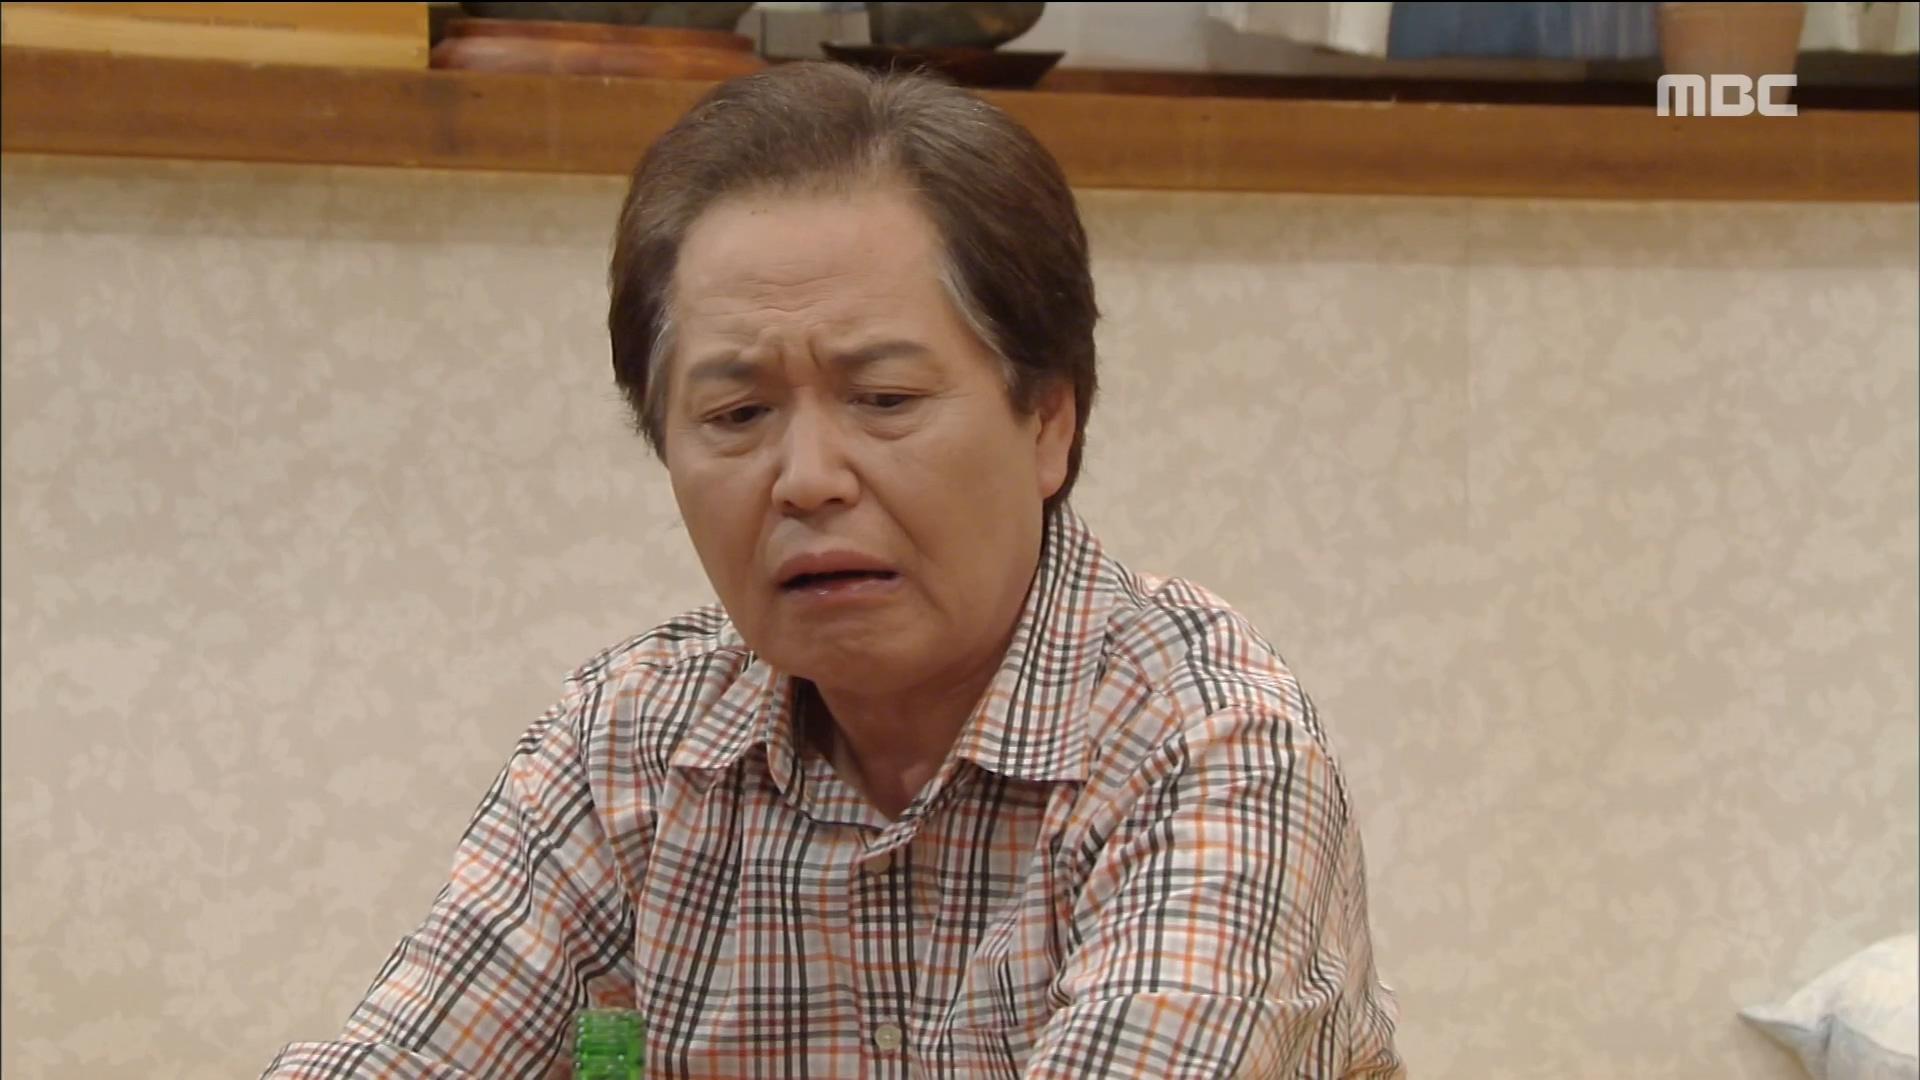 강남길,김형범에 그딴 표정으로 아내한테 사랑한다고 말하나?